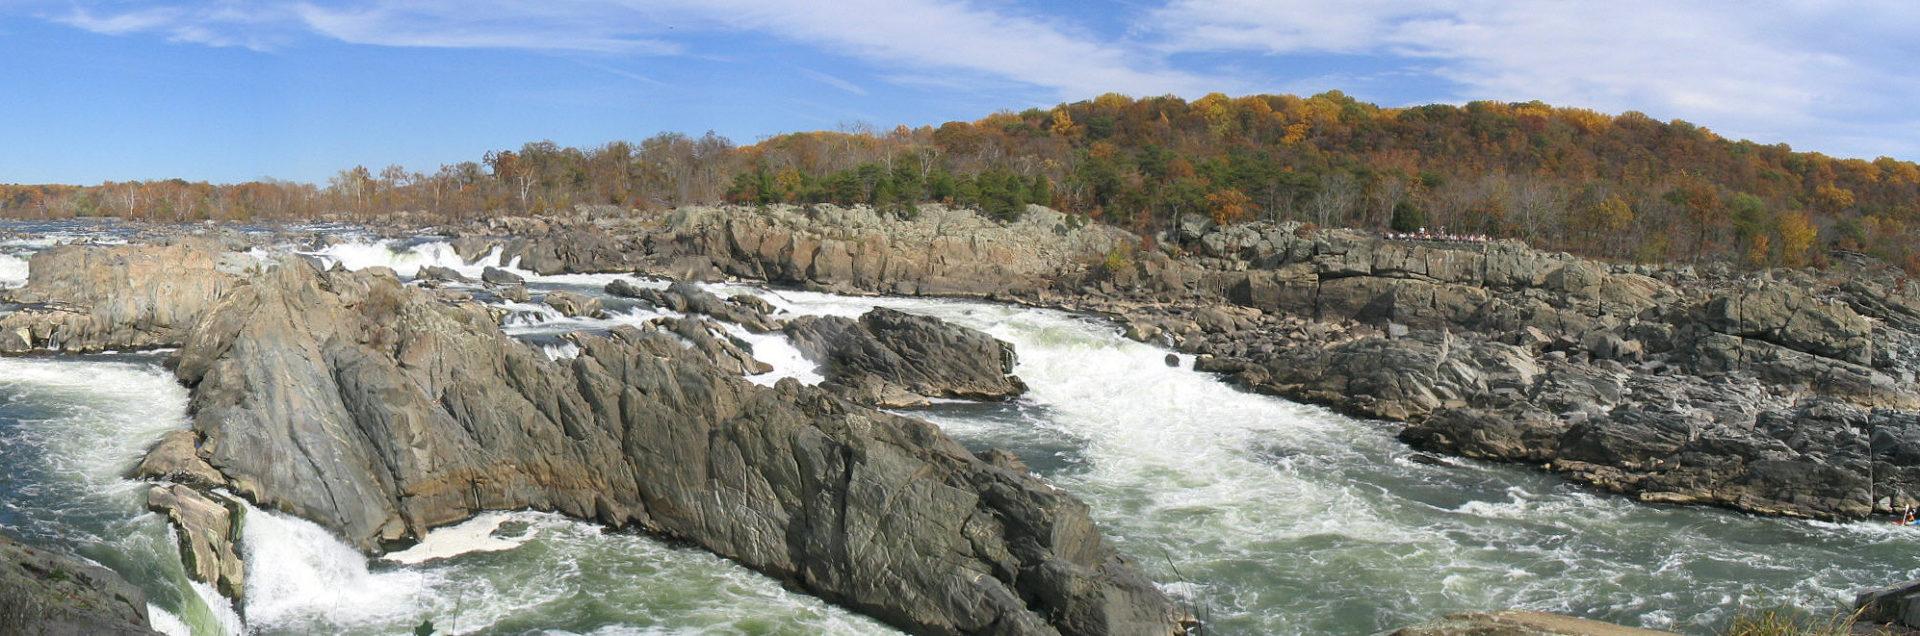 TNA35 - White - Great Falls hi-res